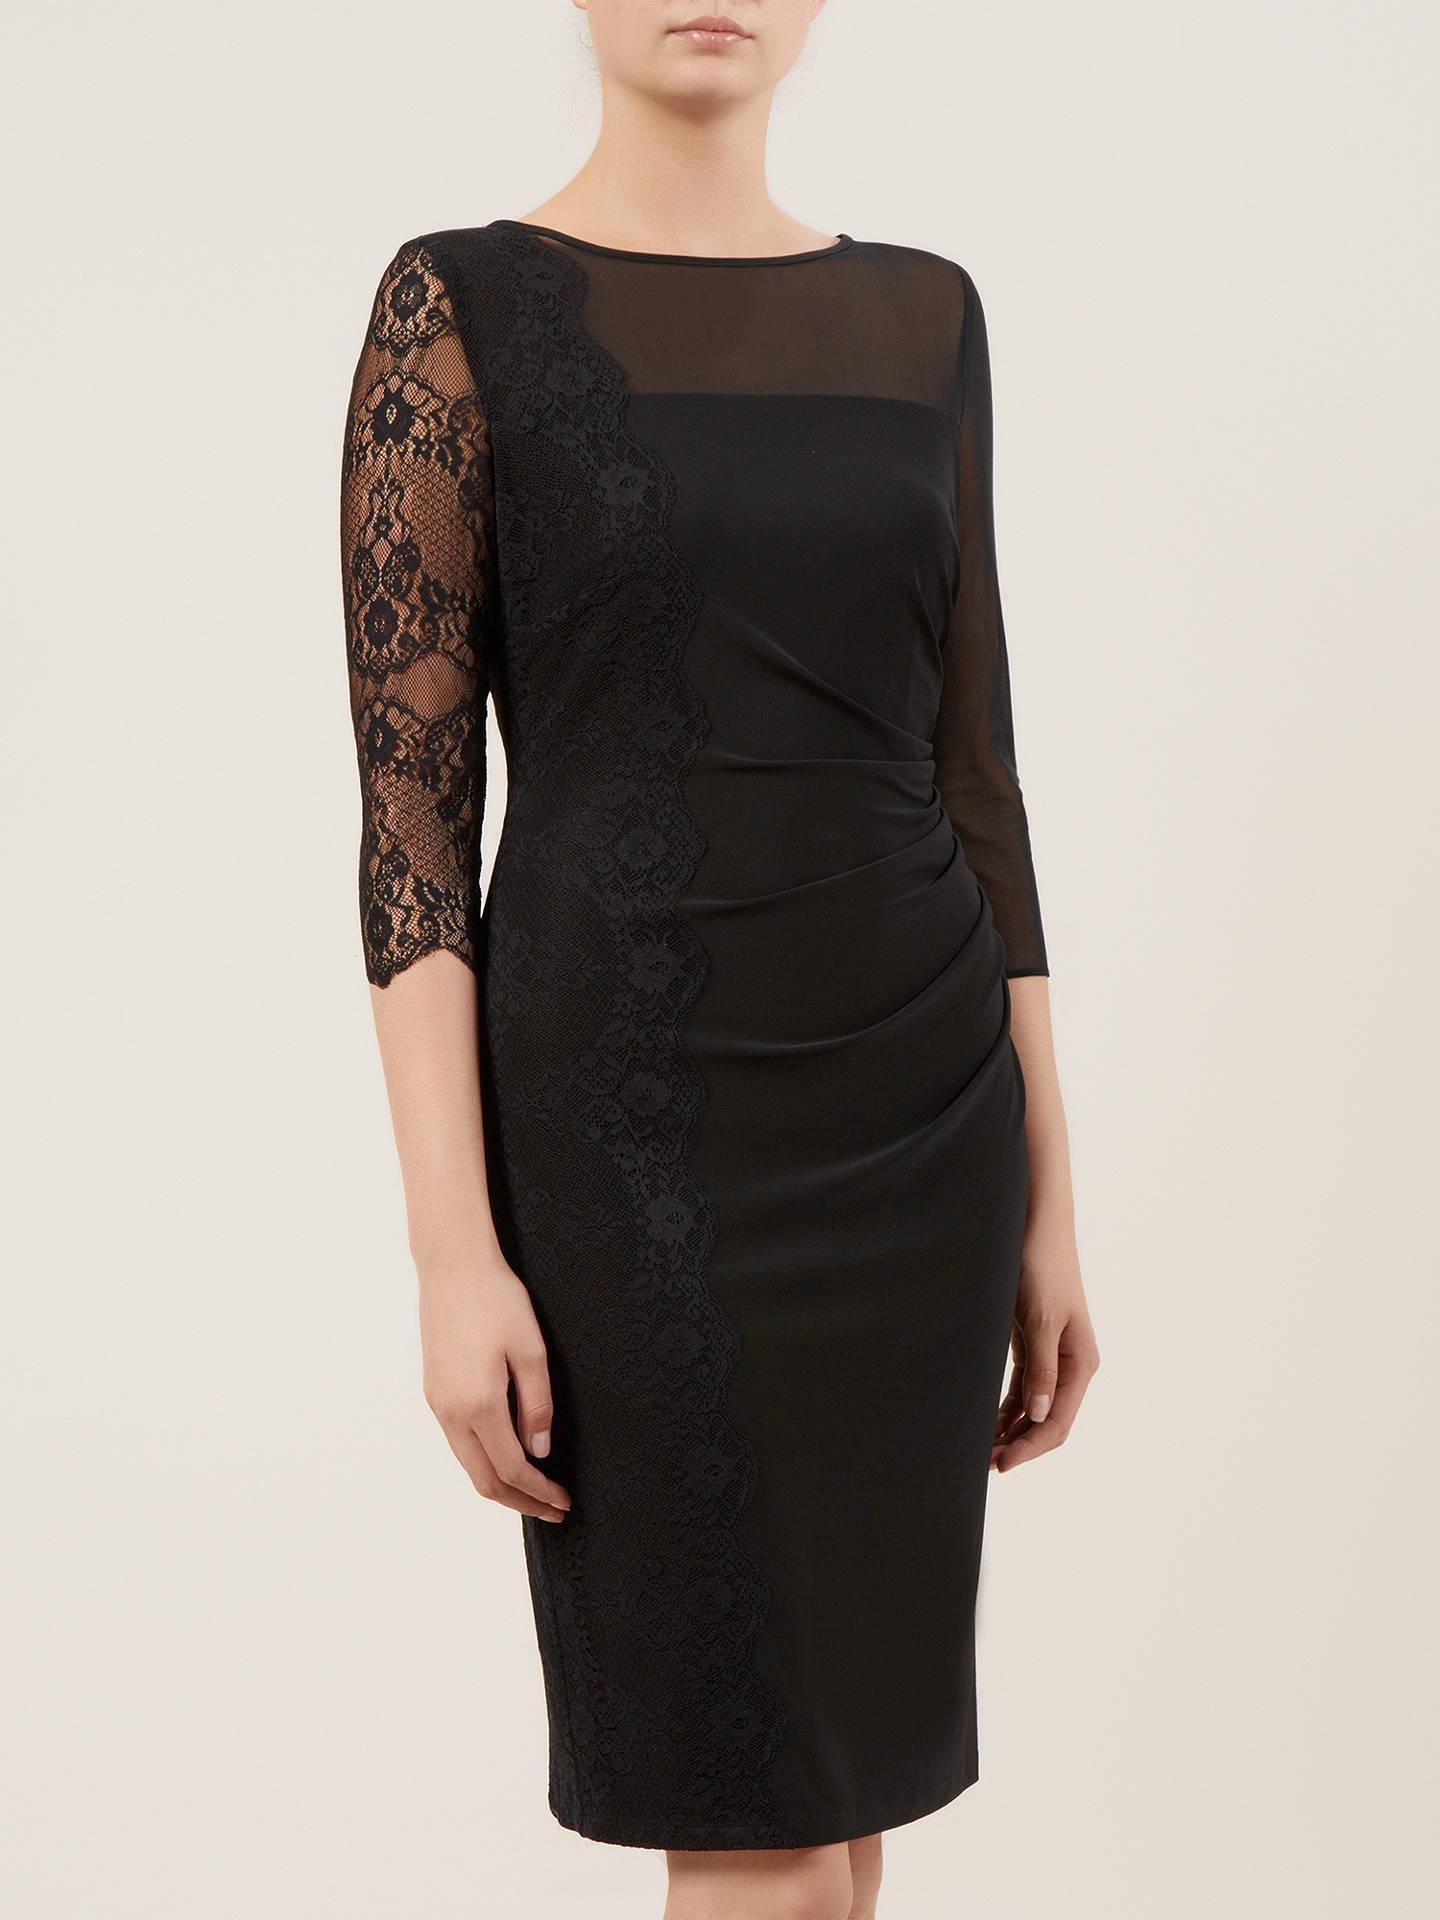 b680a82401b ... Buy Kaliko Lace Panel Jersey Dress, Black, 8 Online at johnlewis.com ...